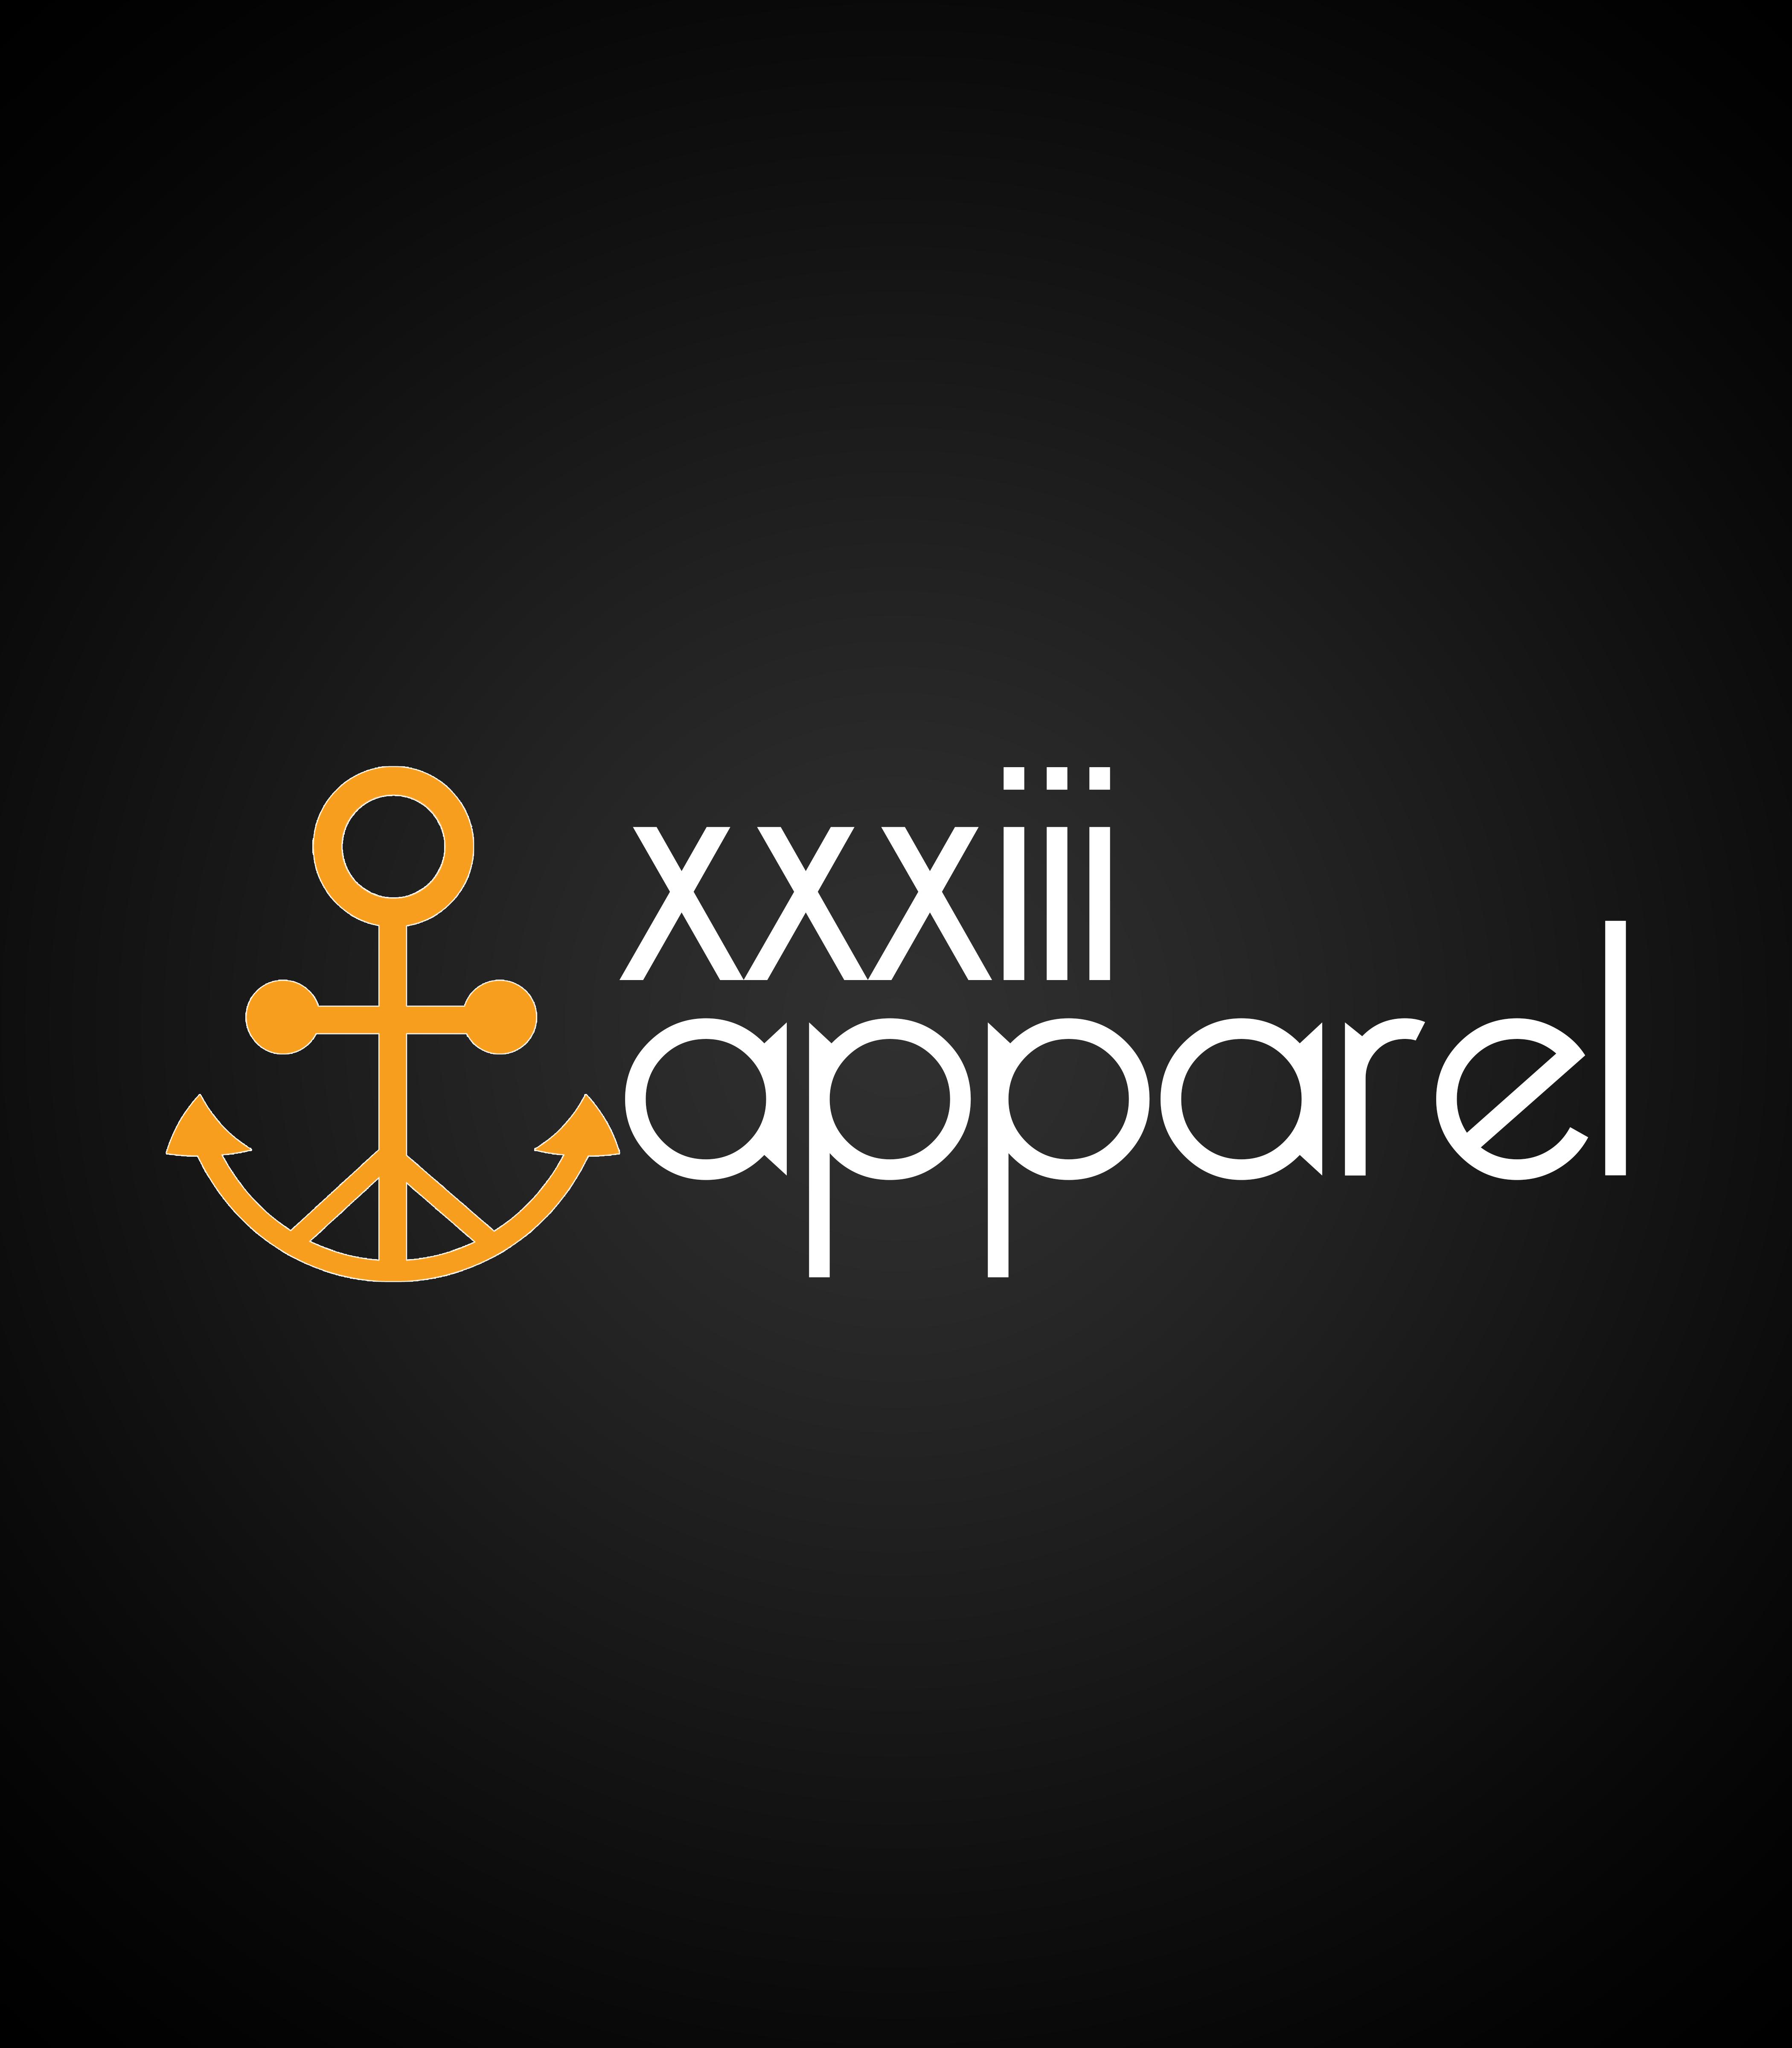 XXXIII Apparel Logo